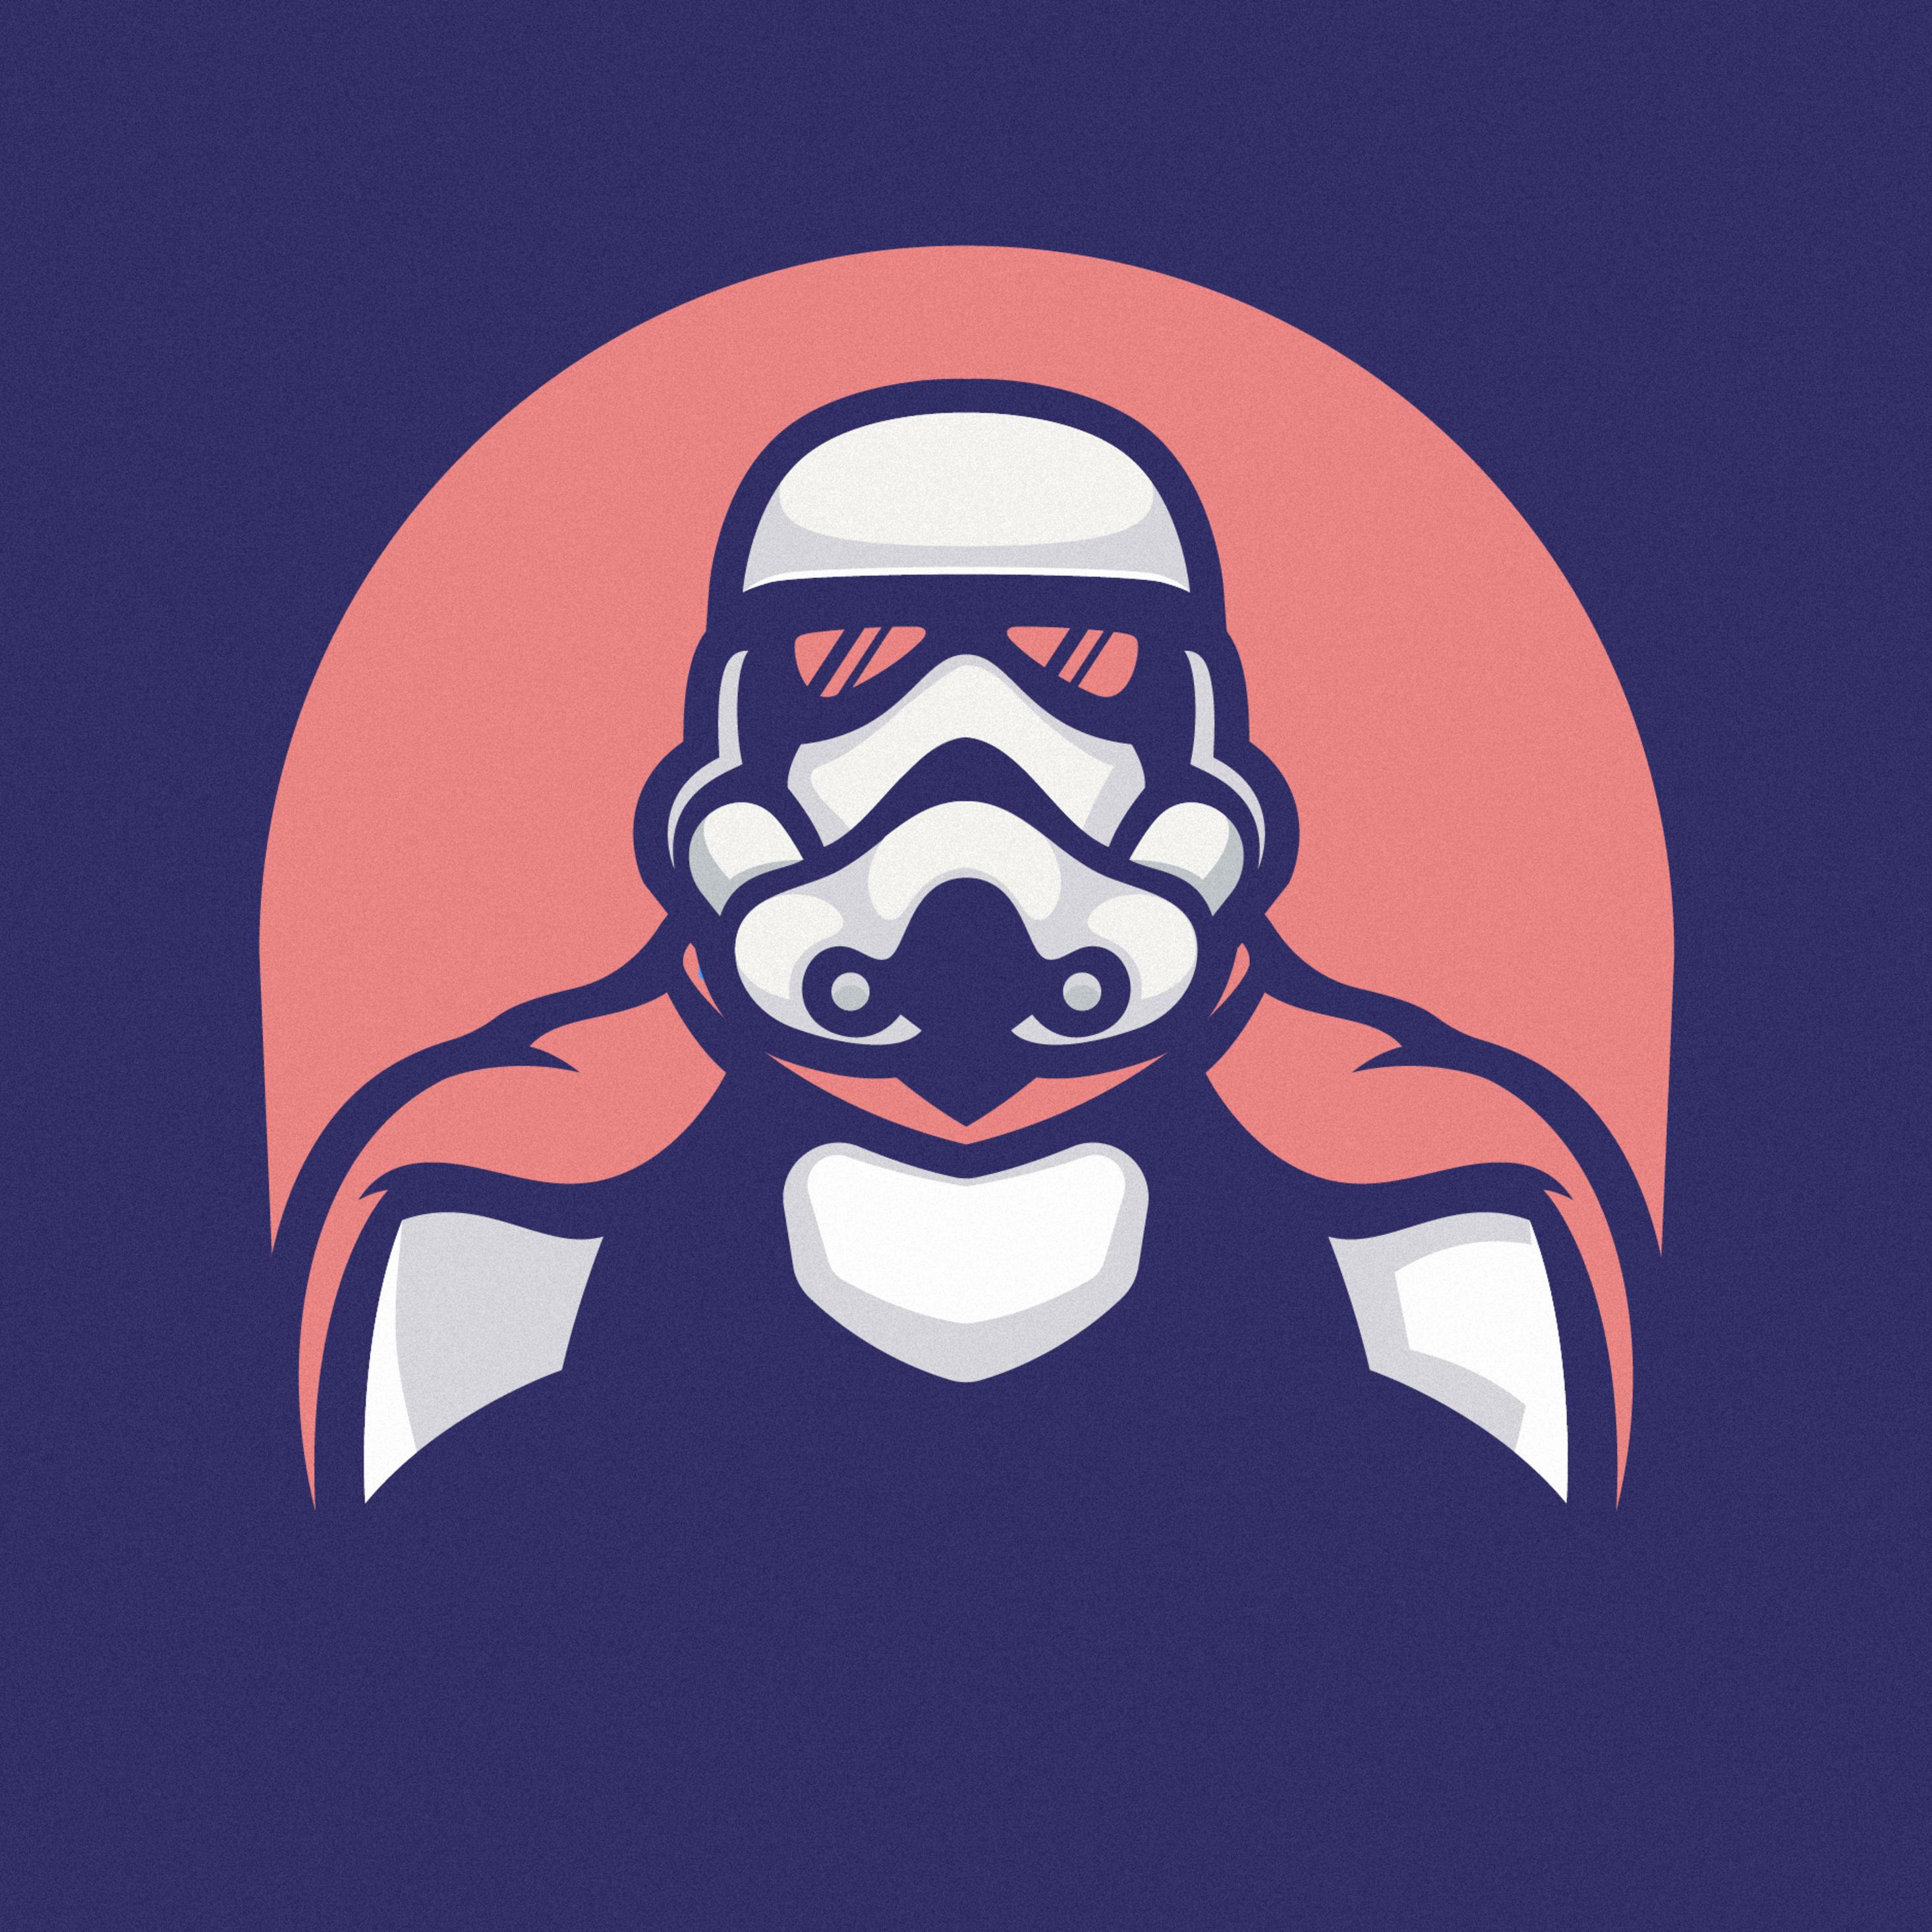 Ultra Hd Star Wars Minimalist Wallpaper